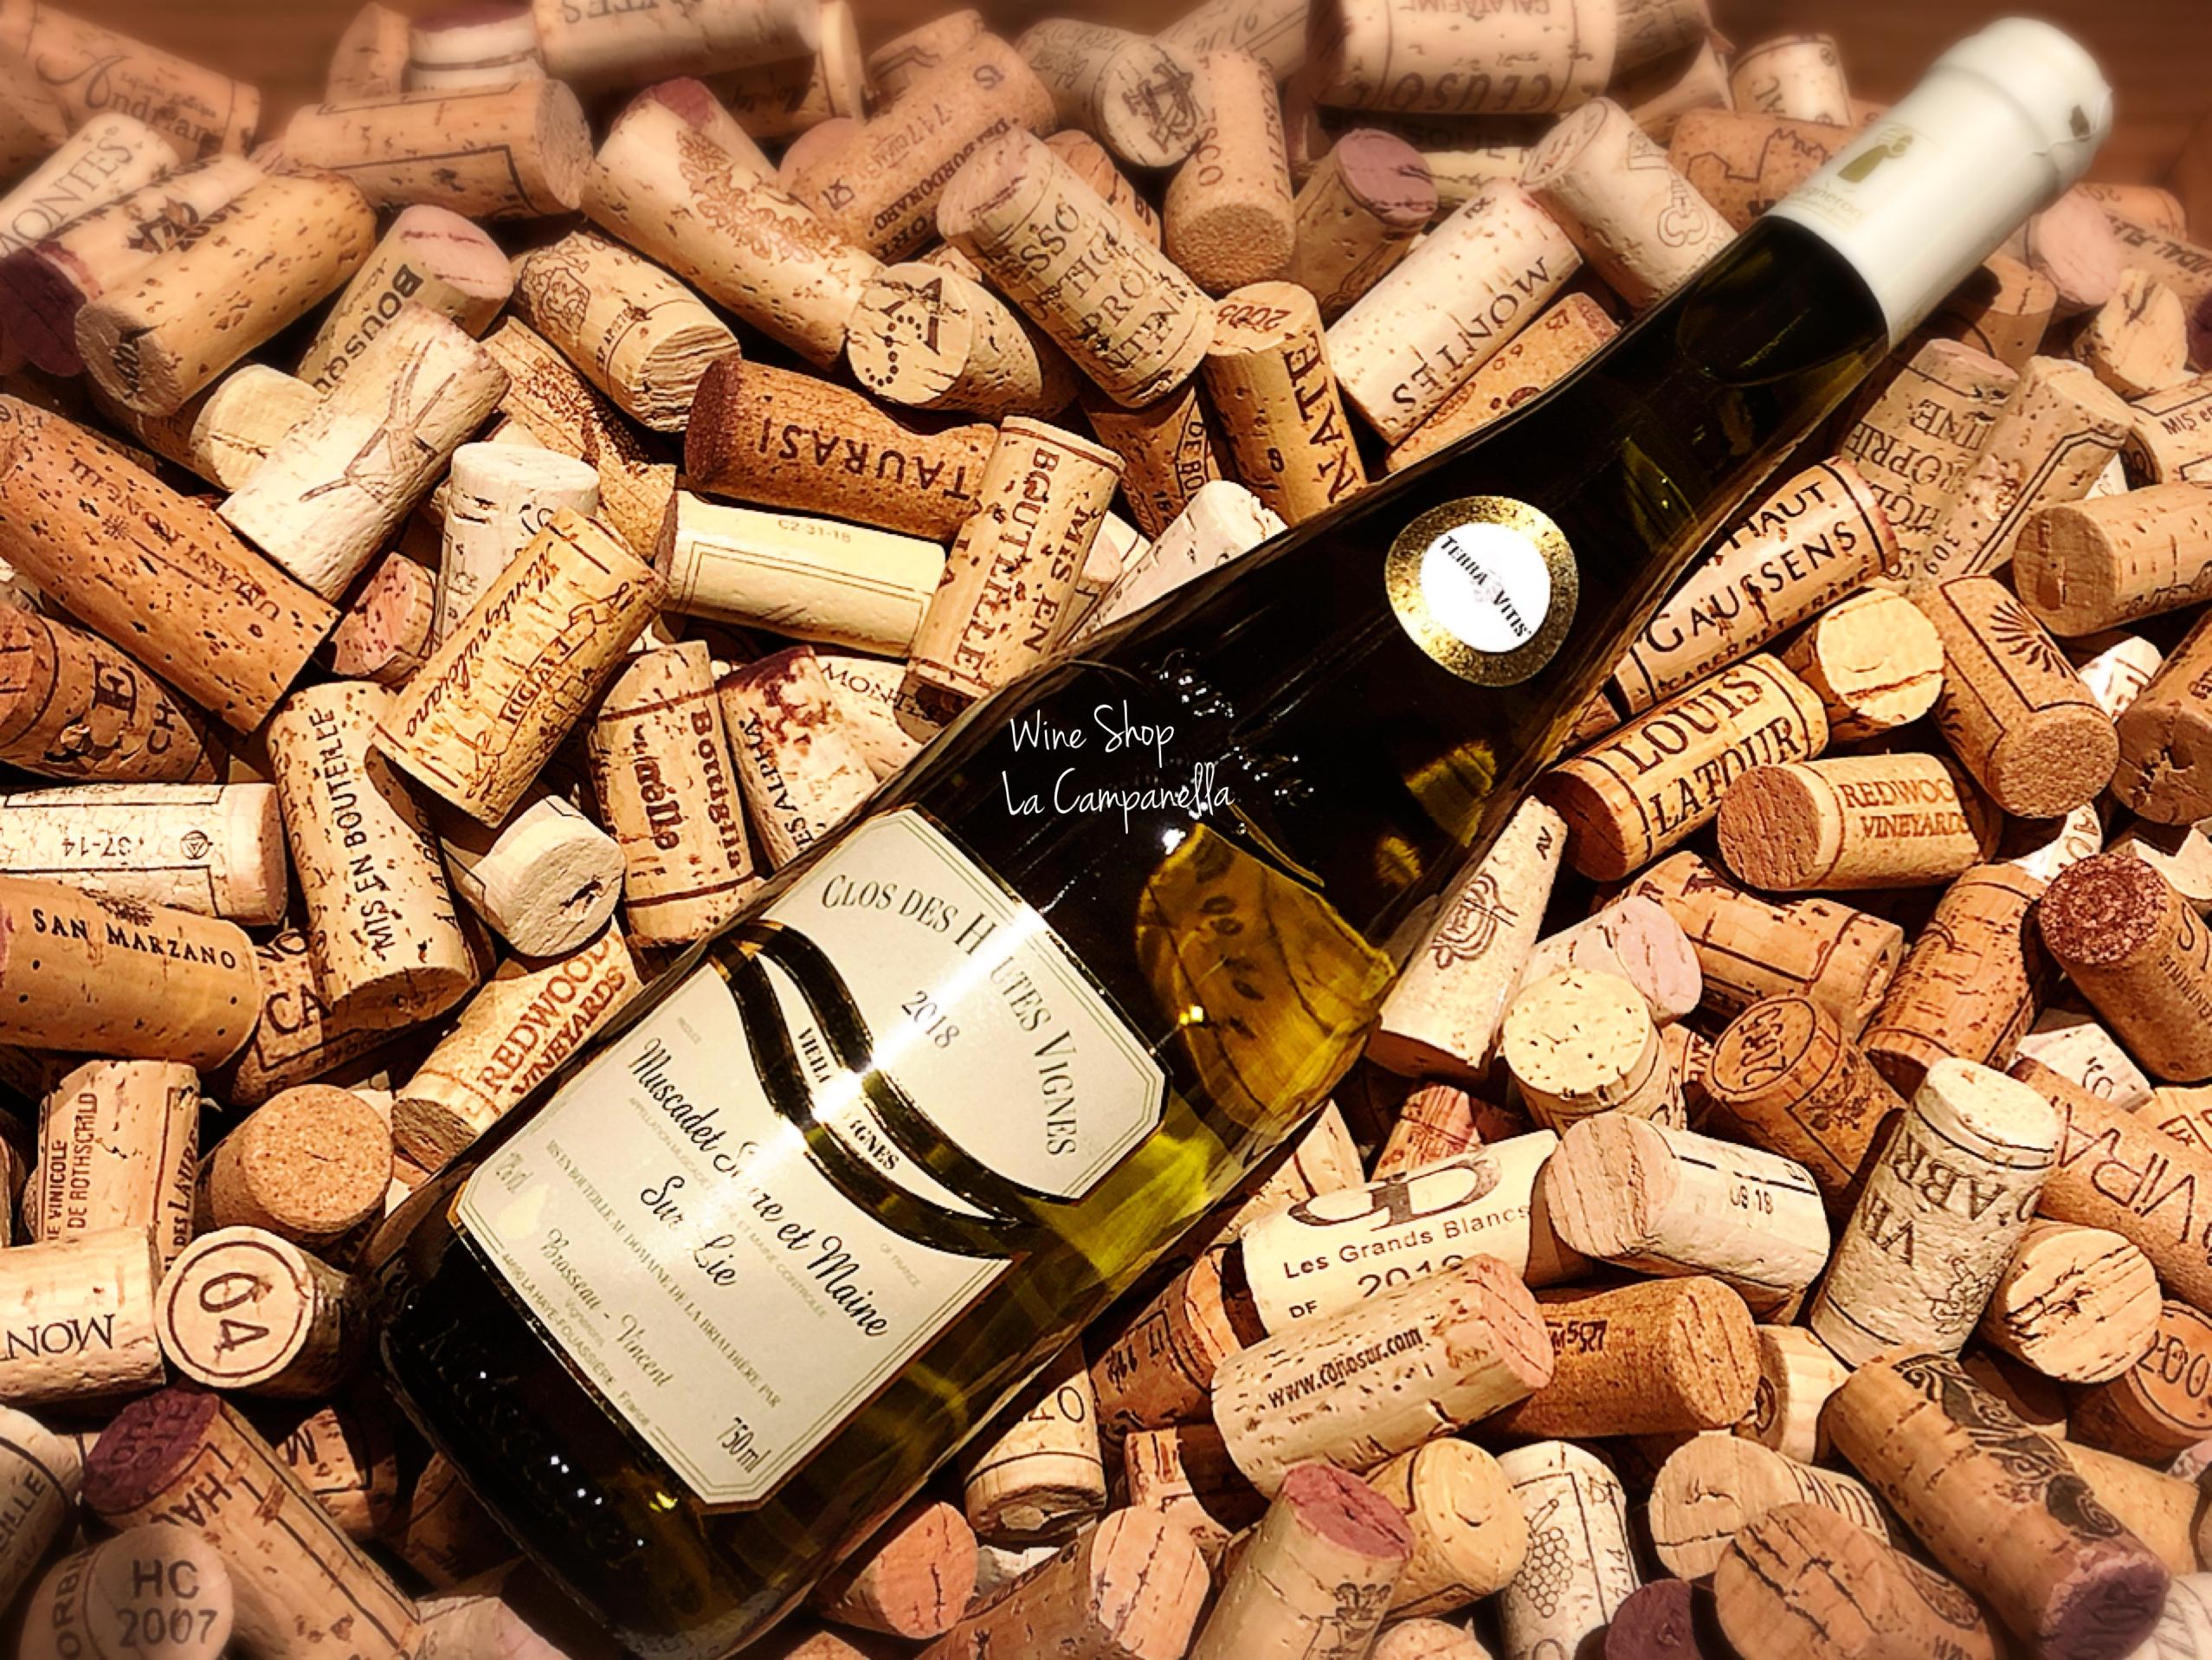 Muscadet Sevre et Maine Sur Lie Clos des Hautes Vignes Vieilles Vigne